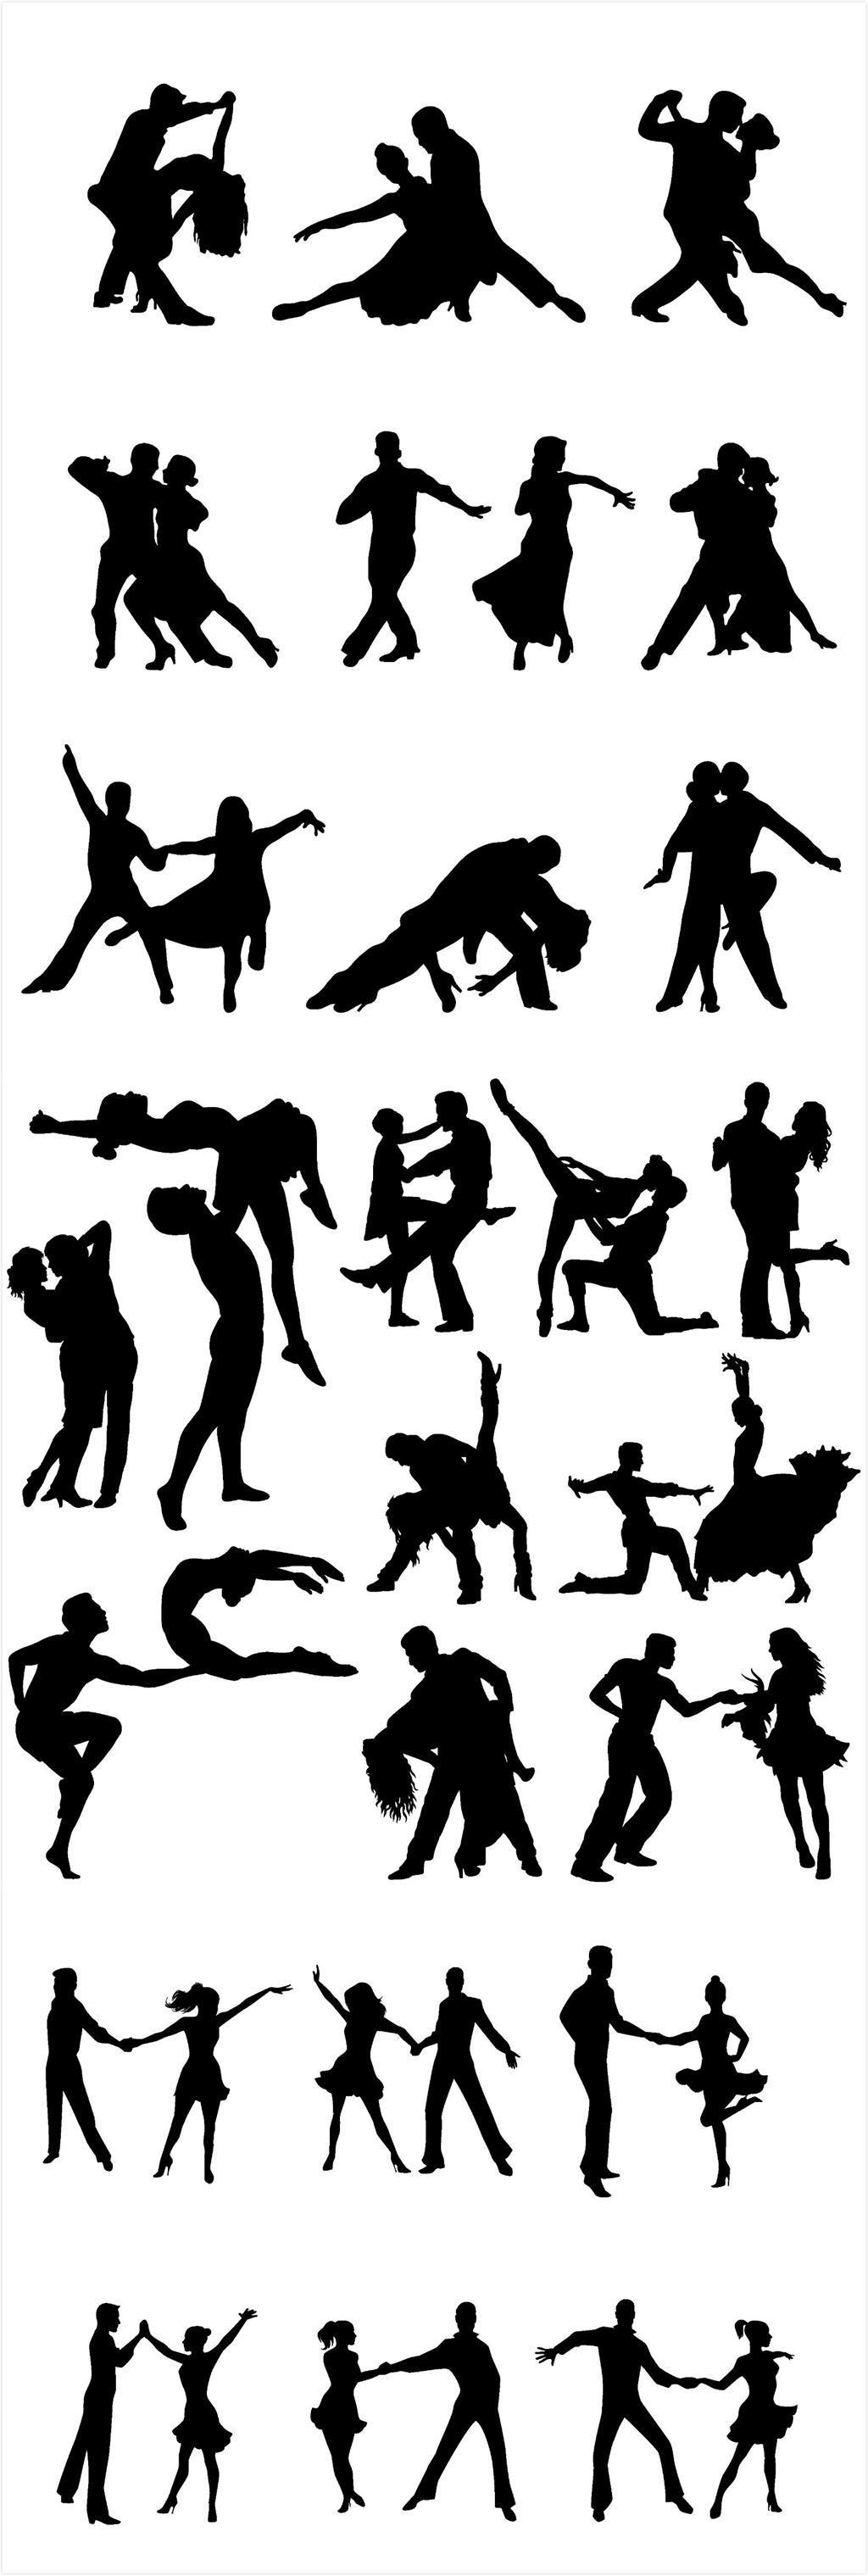 手绘舞蹈艺术节剪影图片设计素材_高清ai模板下载(mb)